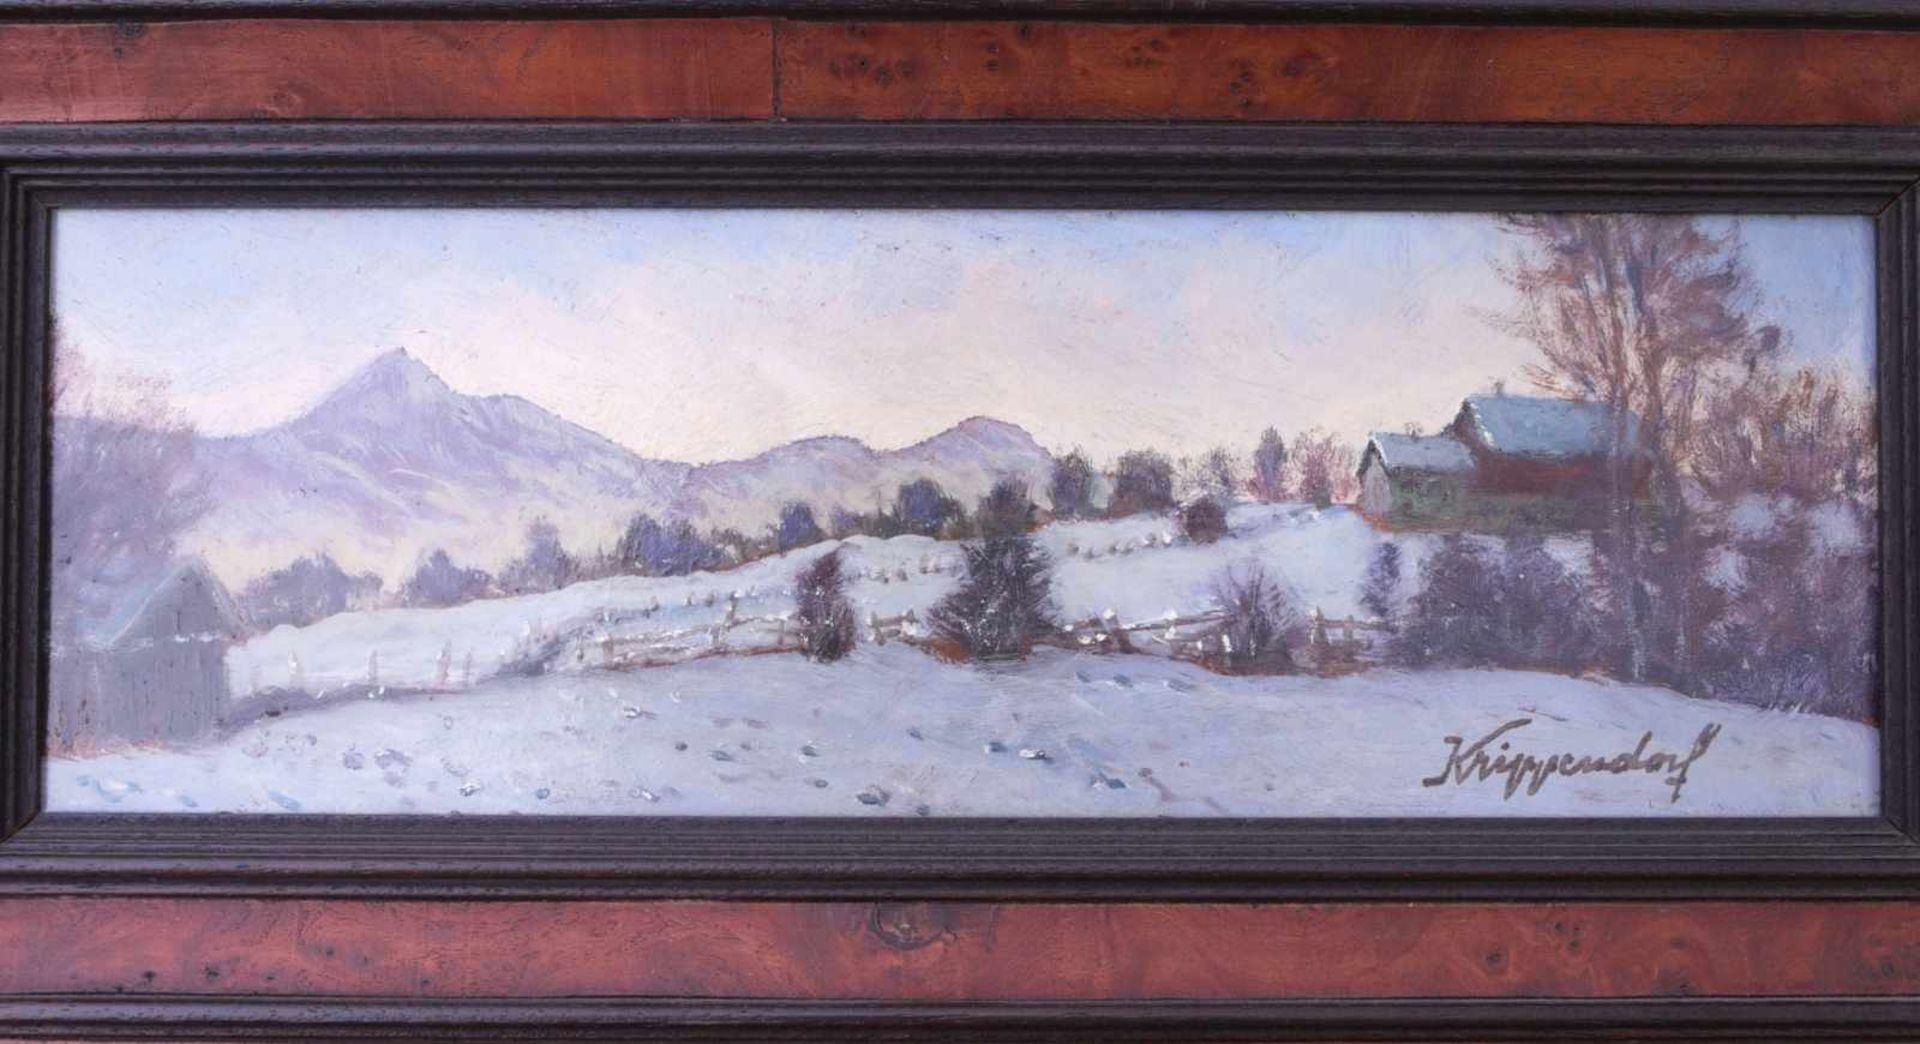 Krippendorf, Franz (1907-1982) - WinterlandschaftDekoratives gestrecktes Querformat. Darauf ein - Bild 2 aus 3